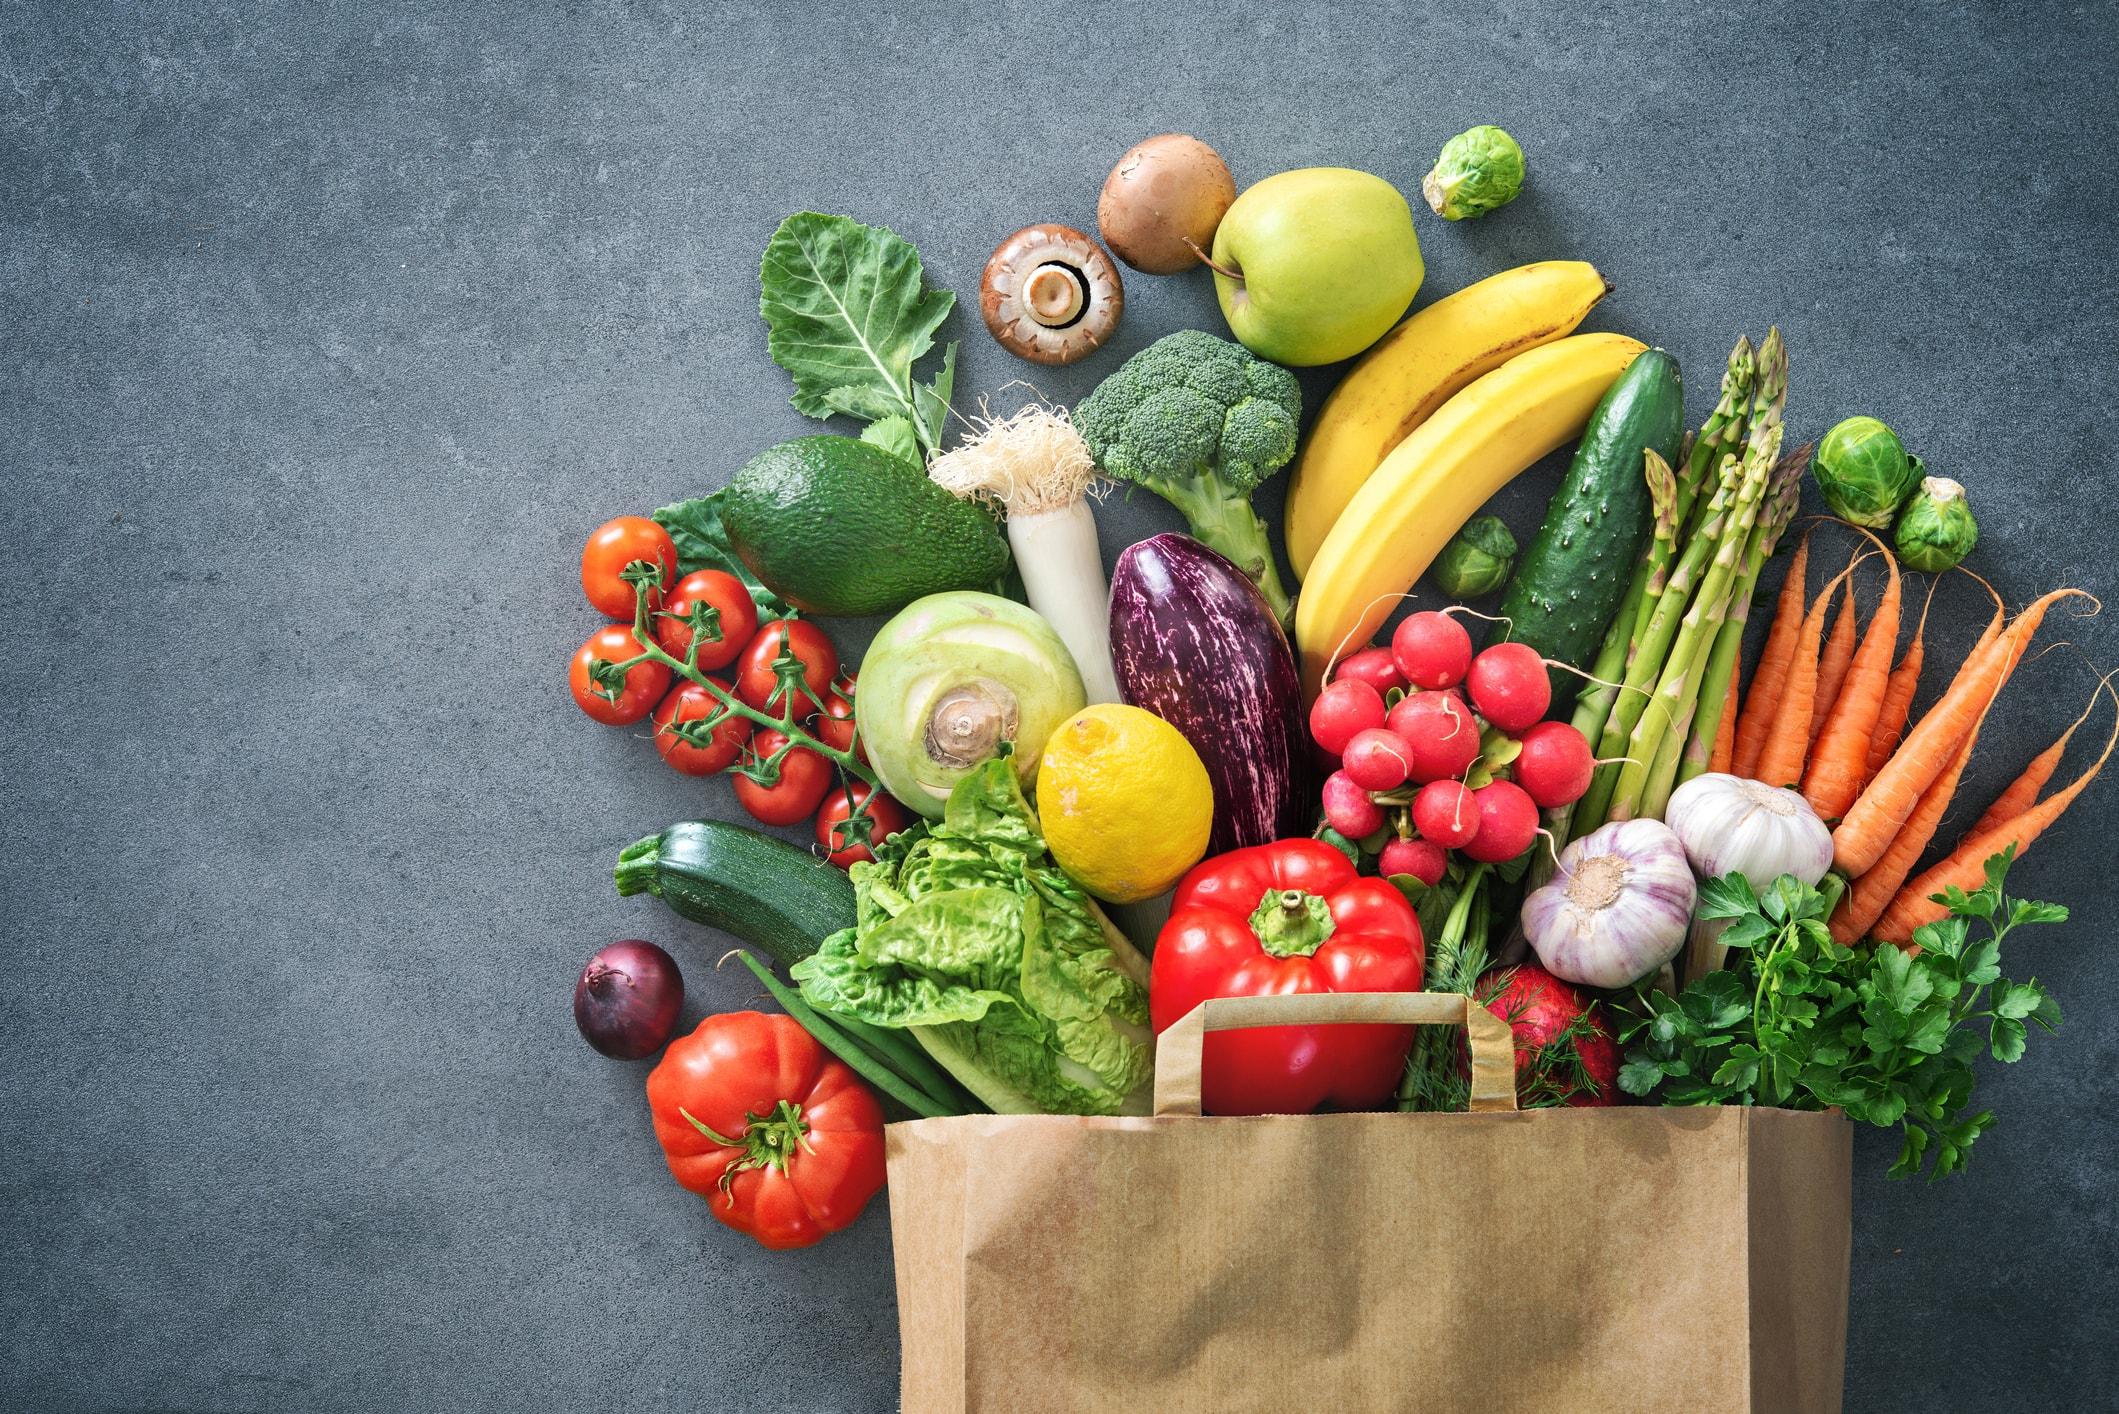 فواید مصرف منظم میوه و سبزی